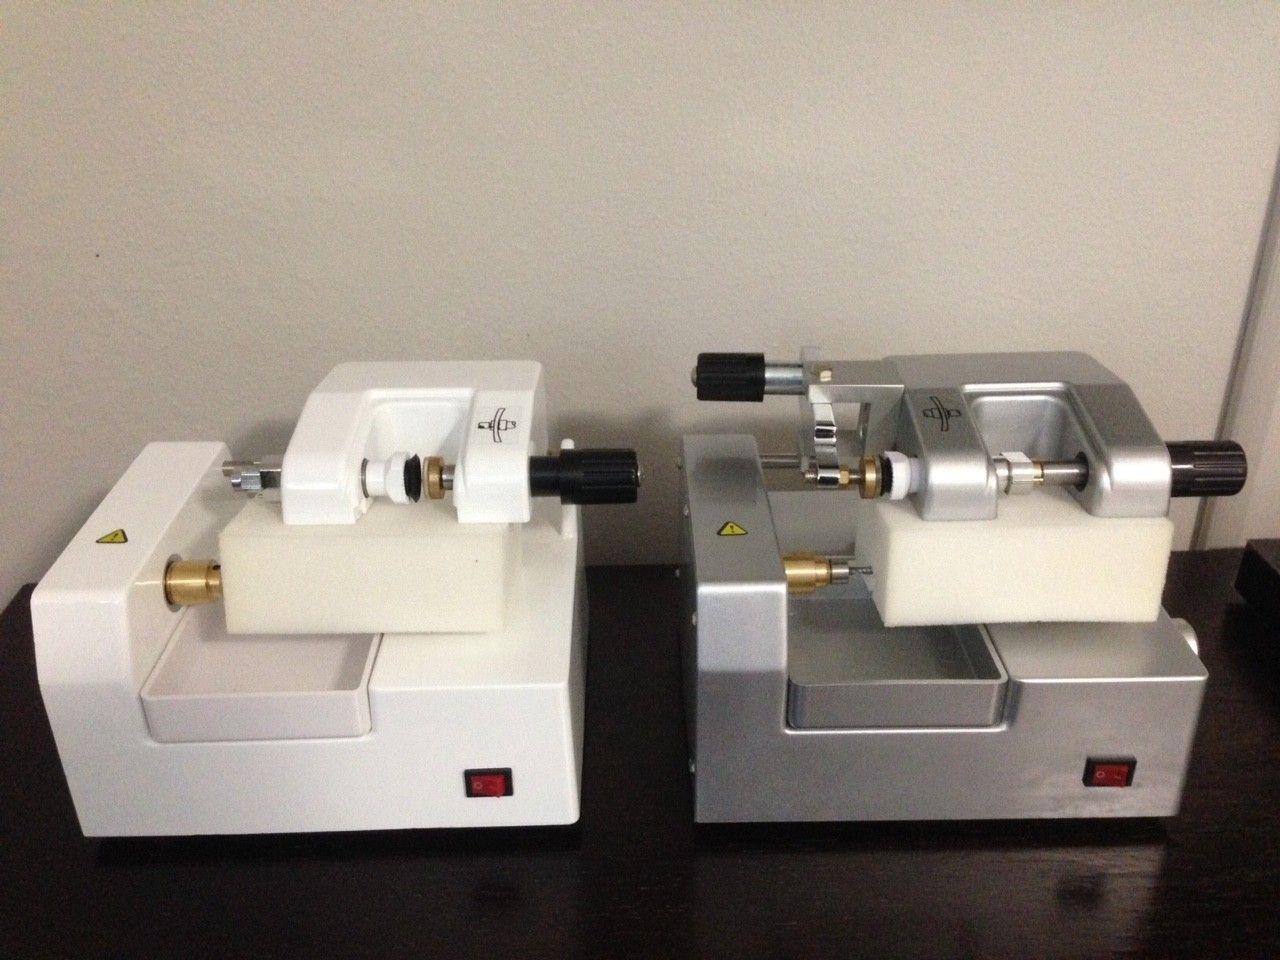 OPTICAL LENS PATTERN MAKER & LENS CUTTER MILLING MACHINE - IMG_6335.JPG